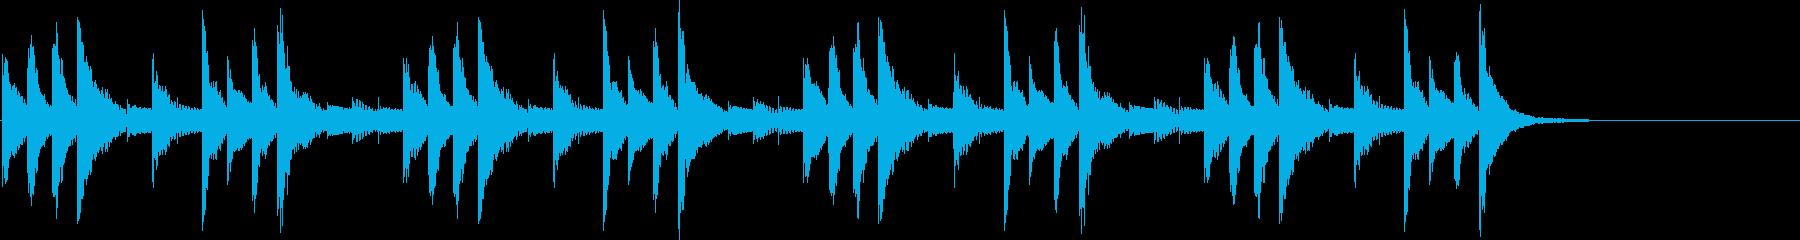 明るいマリンバメインのジングルの再生済みの波形